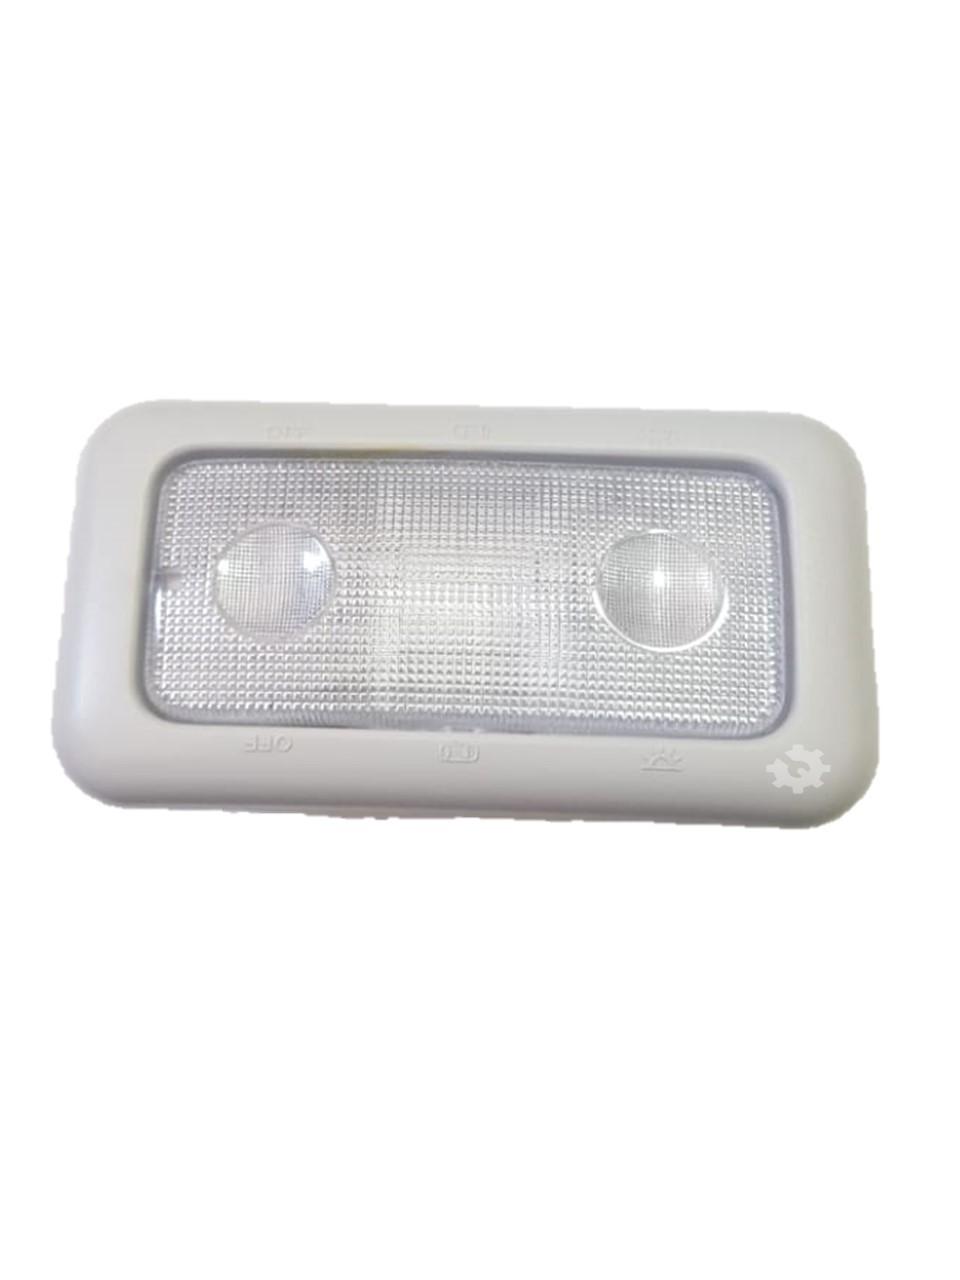 Iluminação Interna Central Palio Doblo Idea Uno 2006 2018 Original